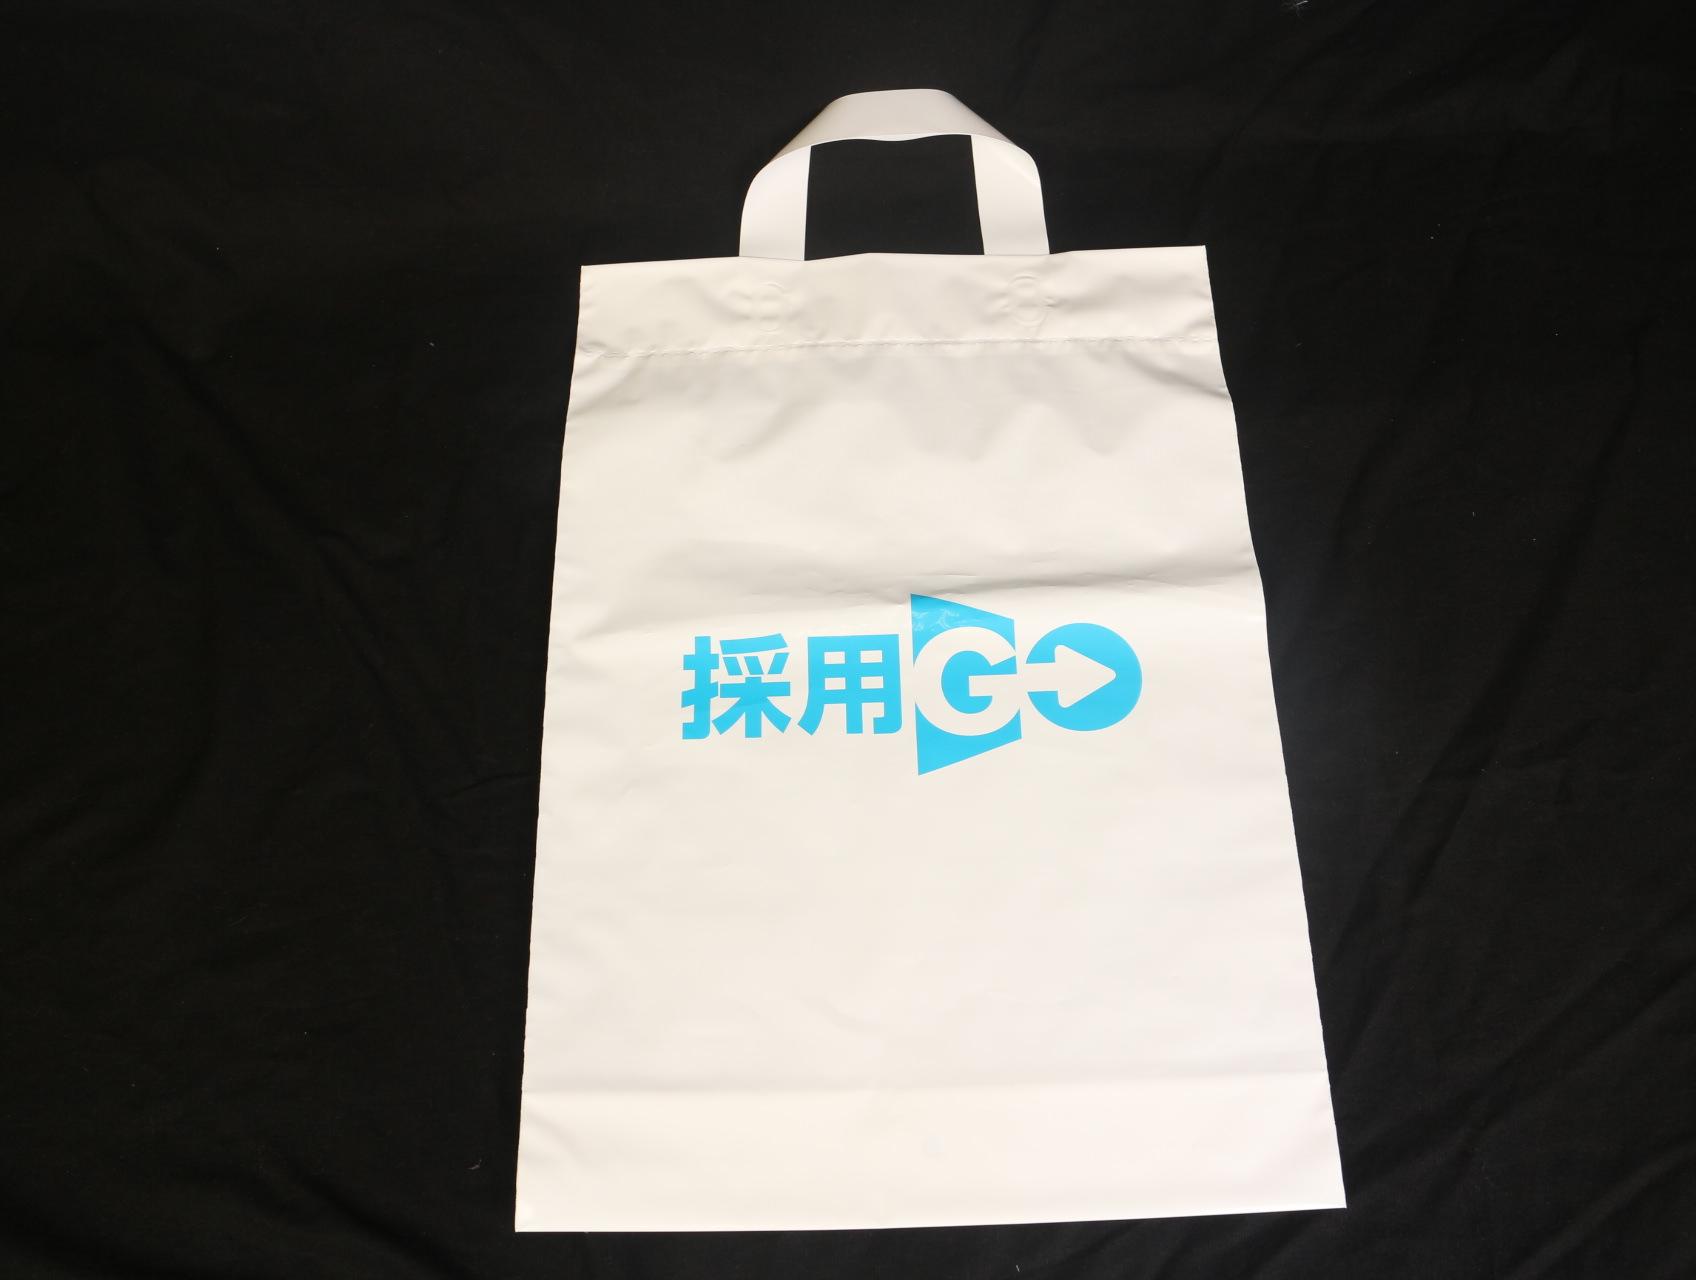 求人サービスを提供されている会社様の手提げタイプのポリ袋